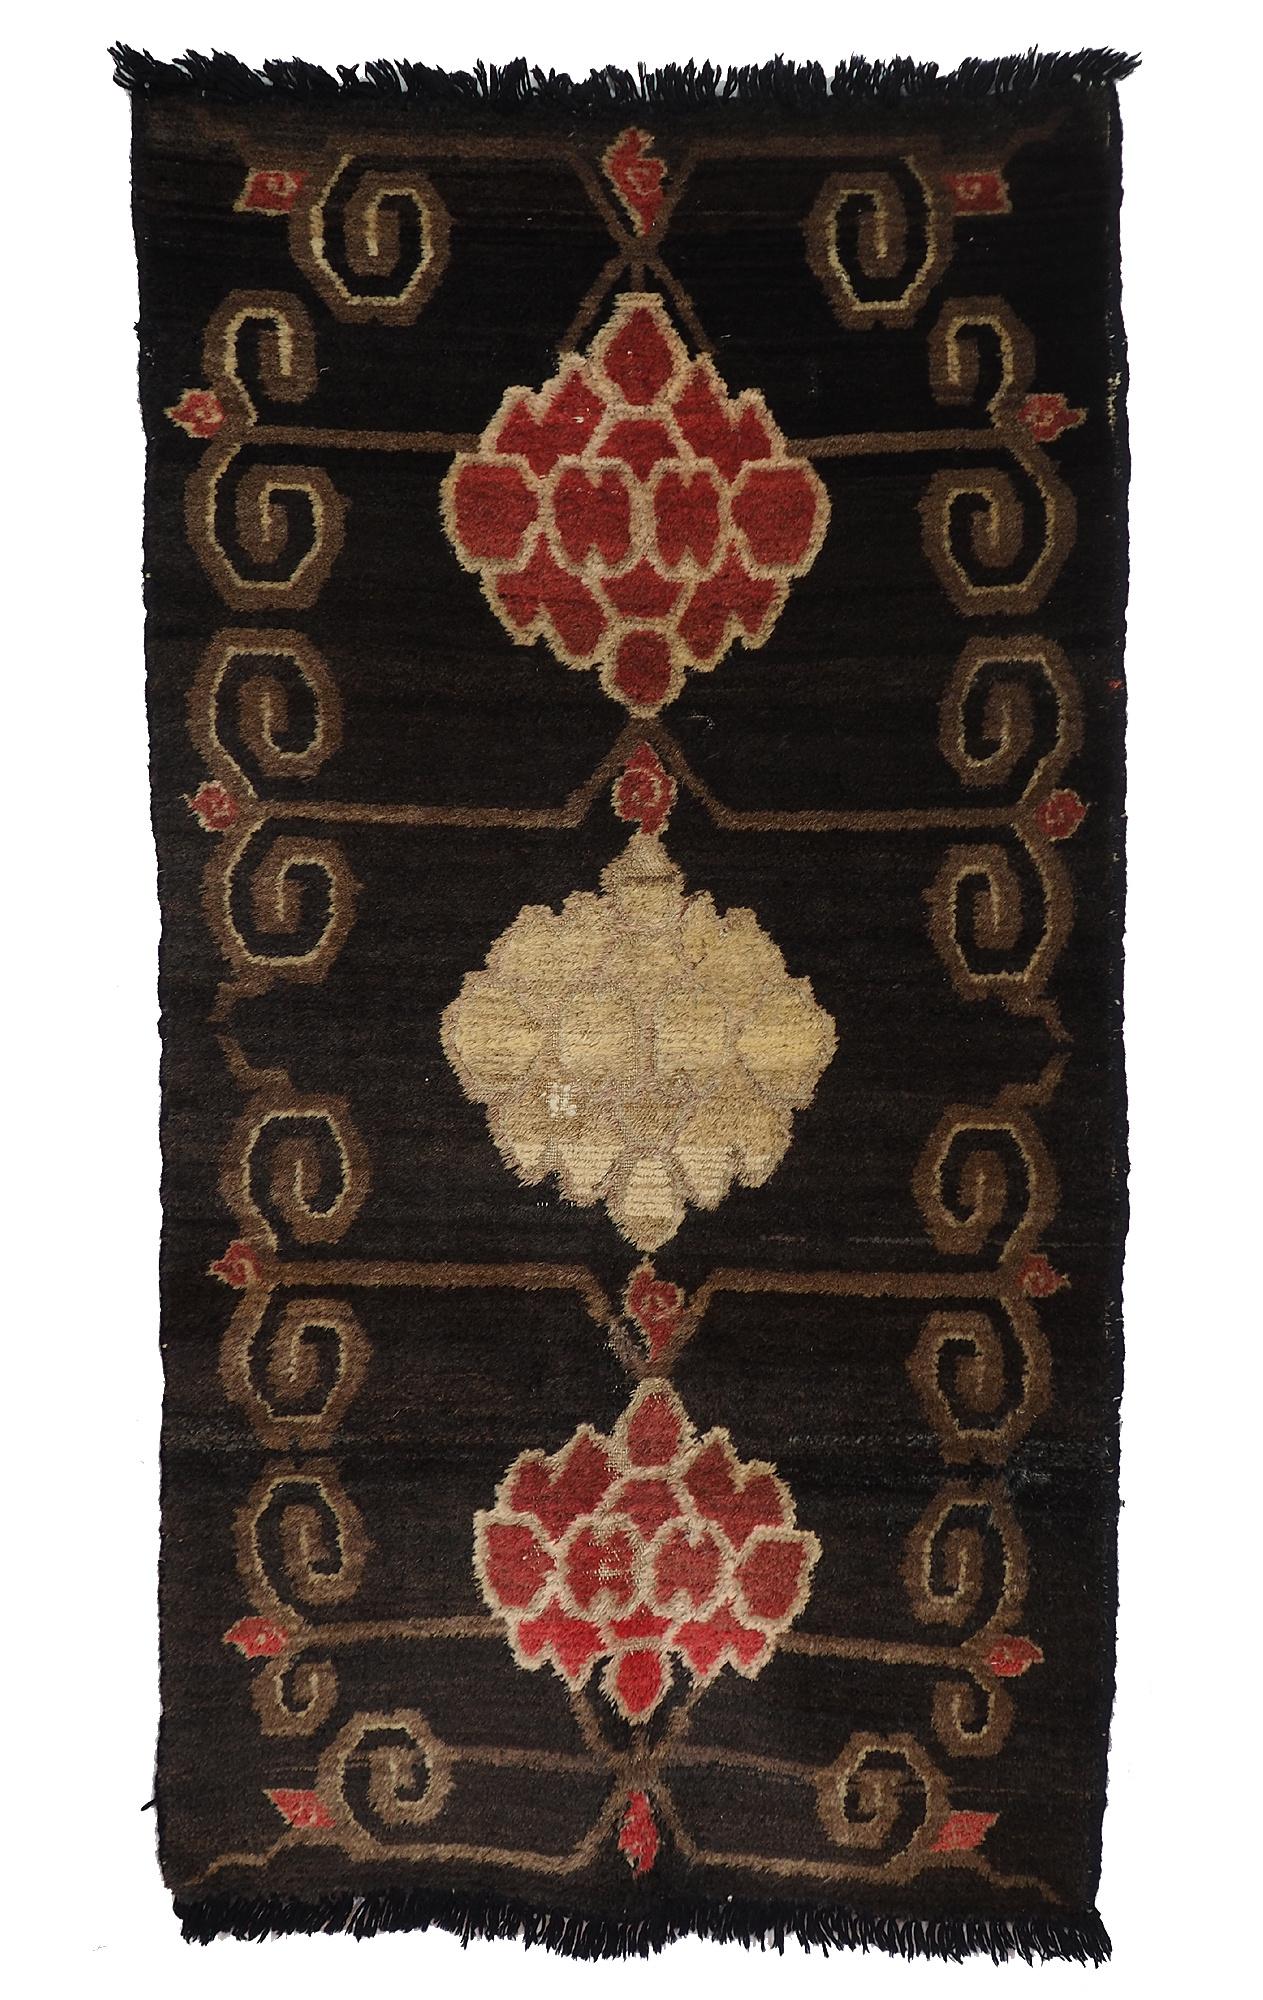 155x84 cm antik Tibetischer Khaden Yoga Meditation Dorfteppich buddhistische Klöster gebetsteppich Teppich Schlafteppich Nr.19